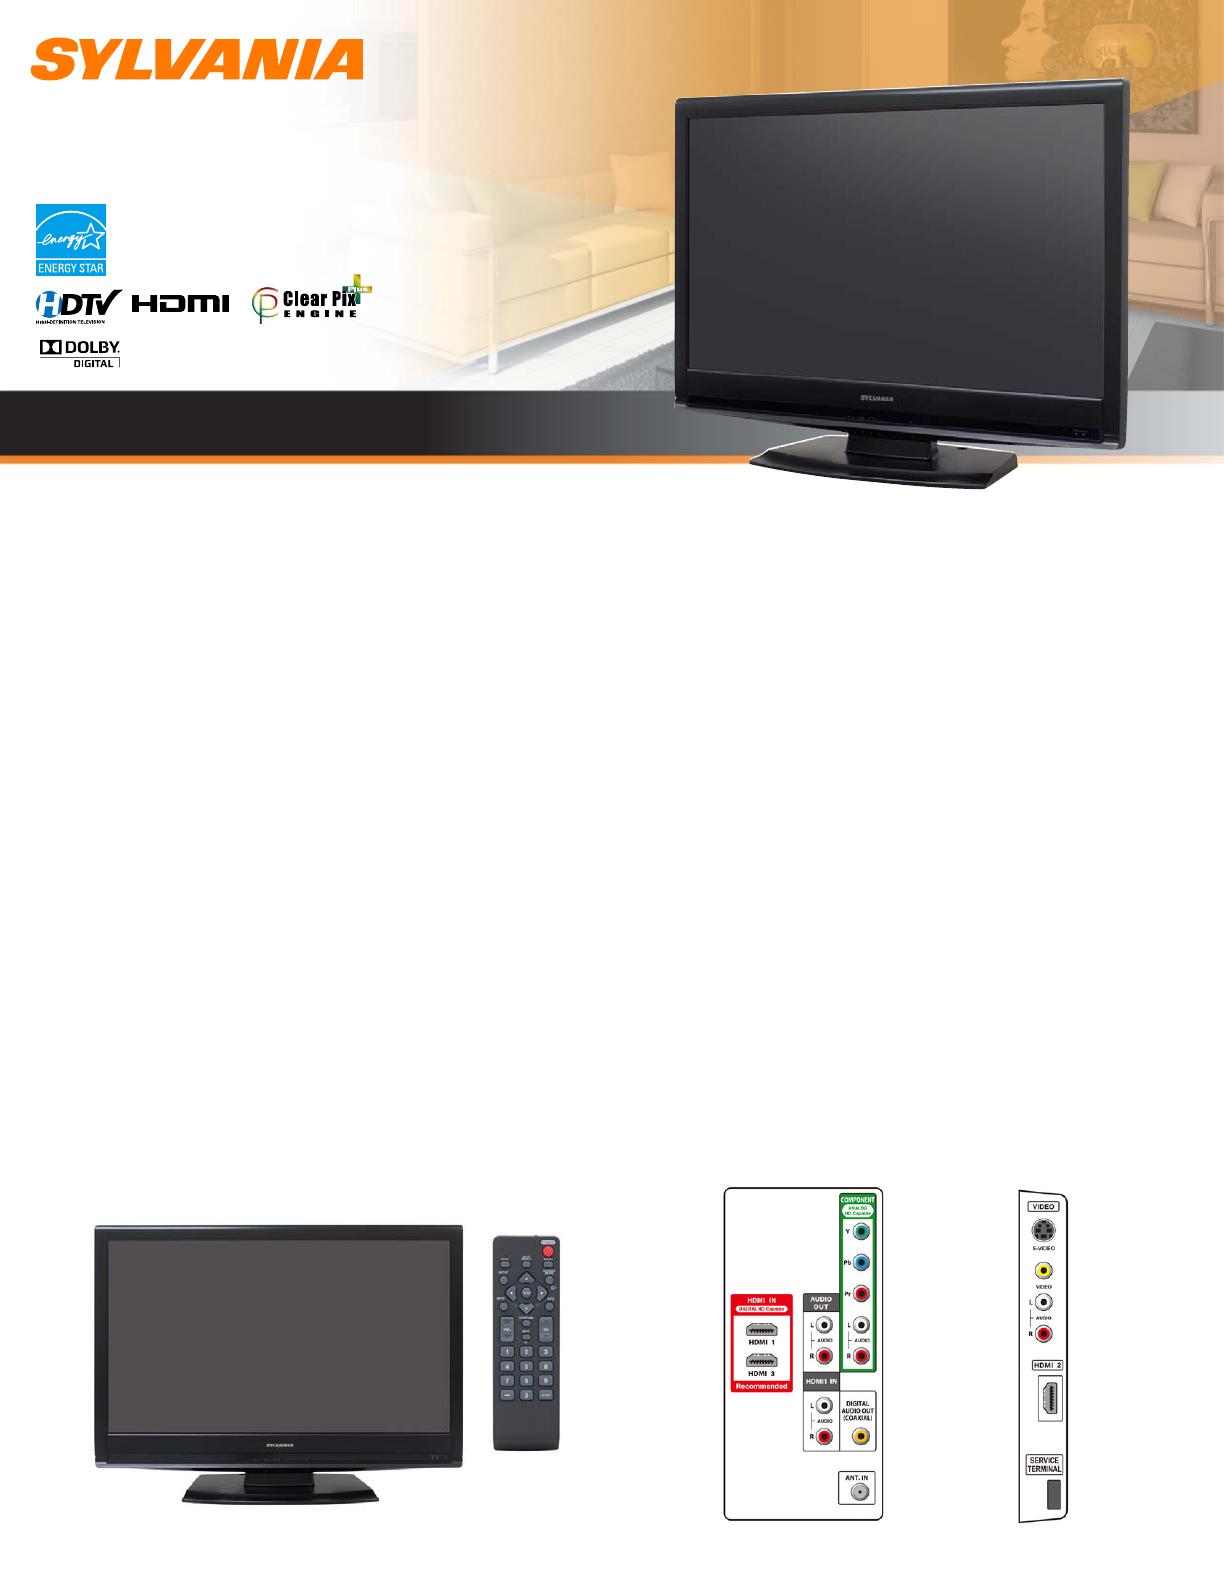 sylvania flat panel television lc320slx user guide manualsonline com rh tv manualsonline com